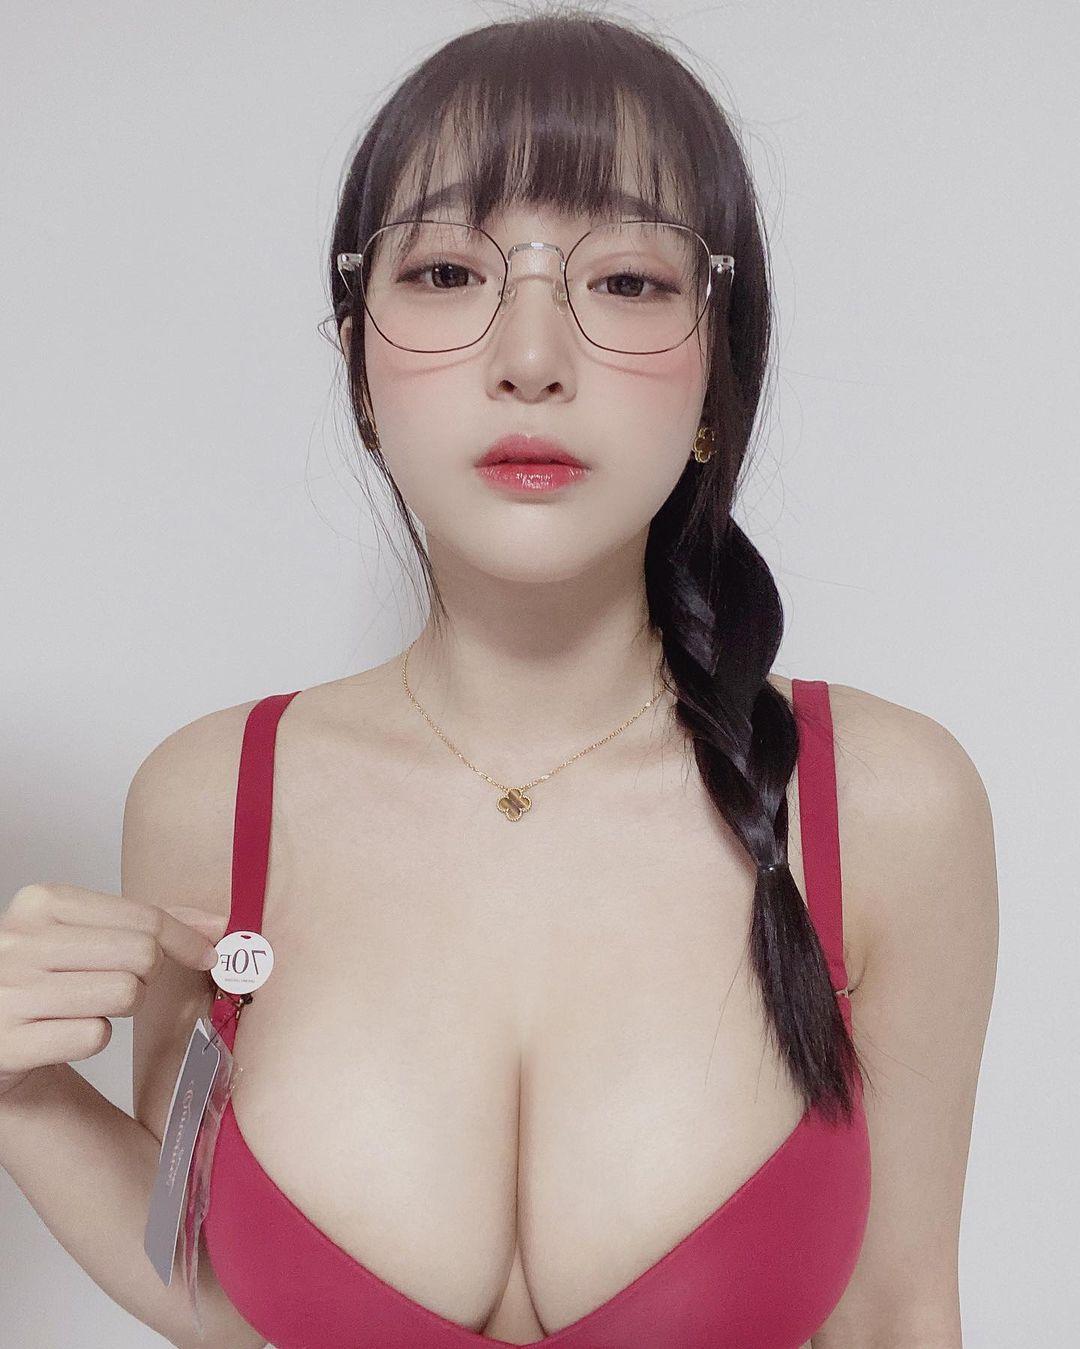 カン・インギョン「メガネ&三編み姿がかわいい」大きなバストに目が…【画像2枚】の画像001